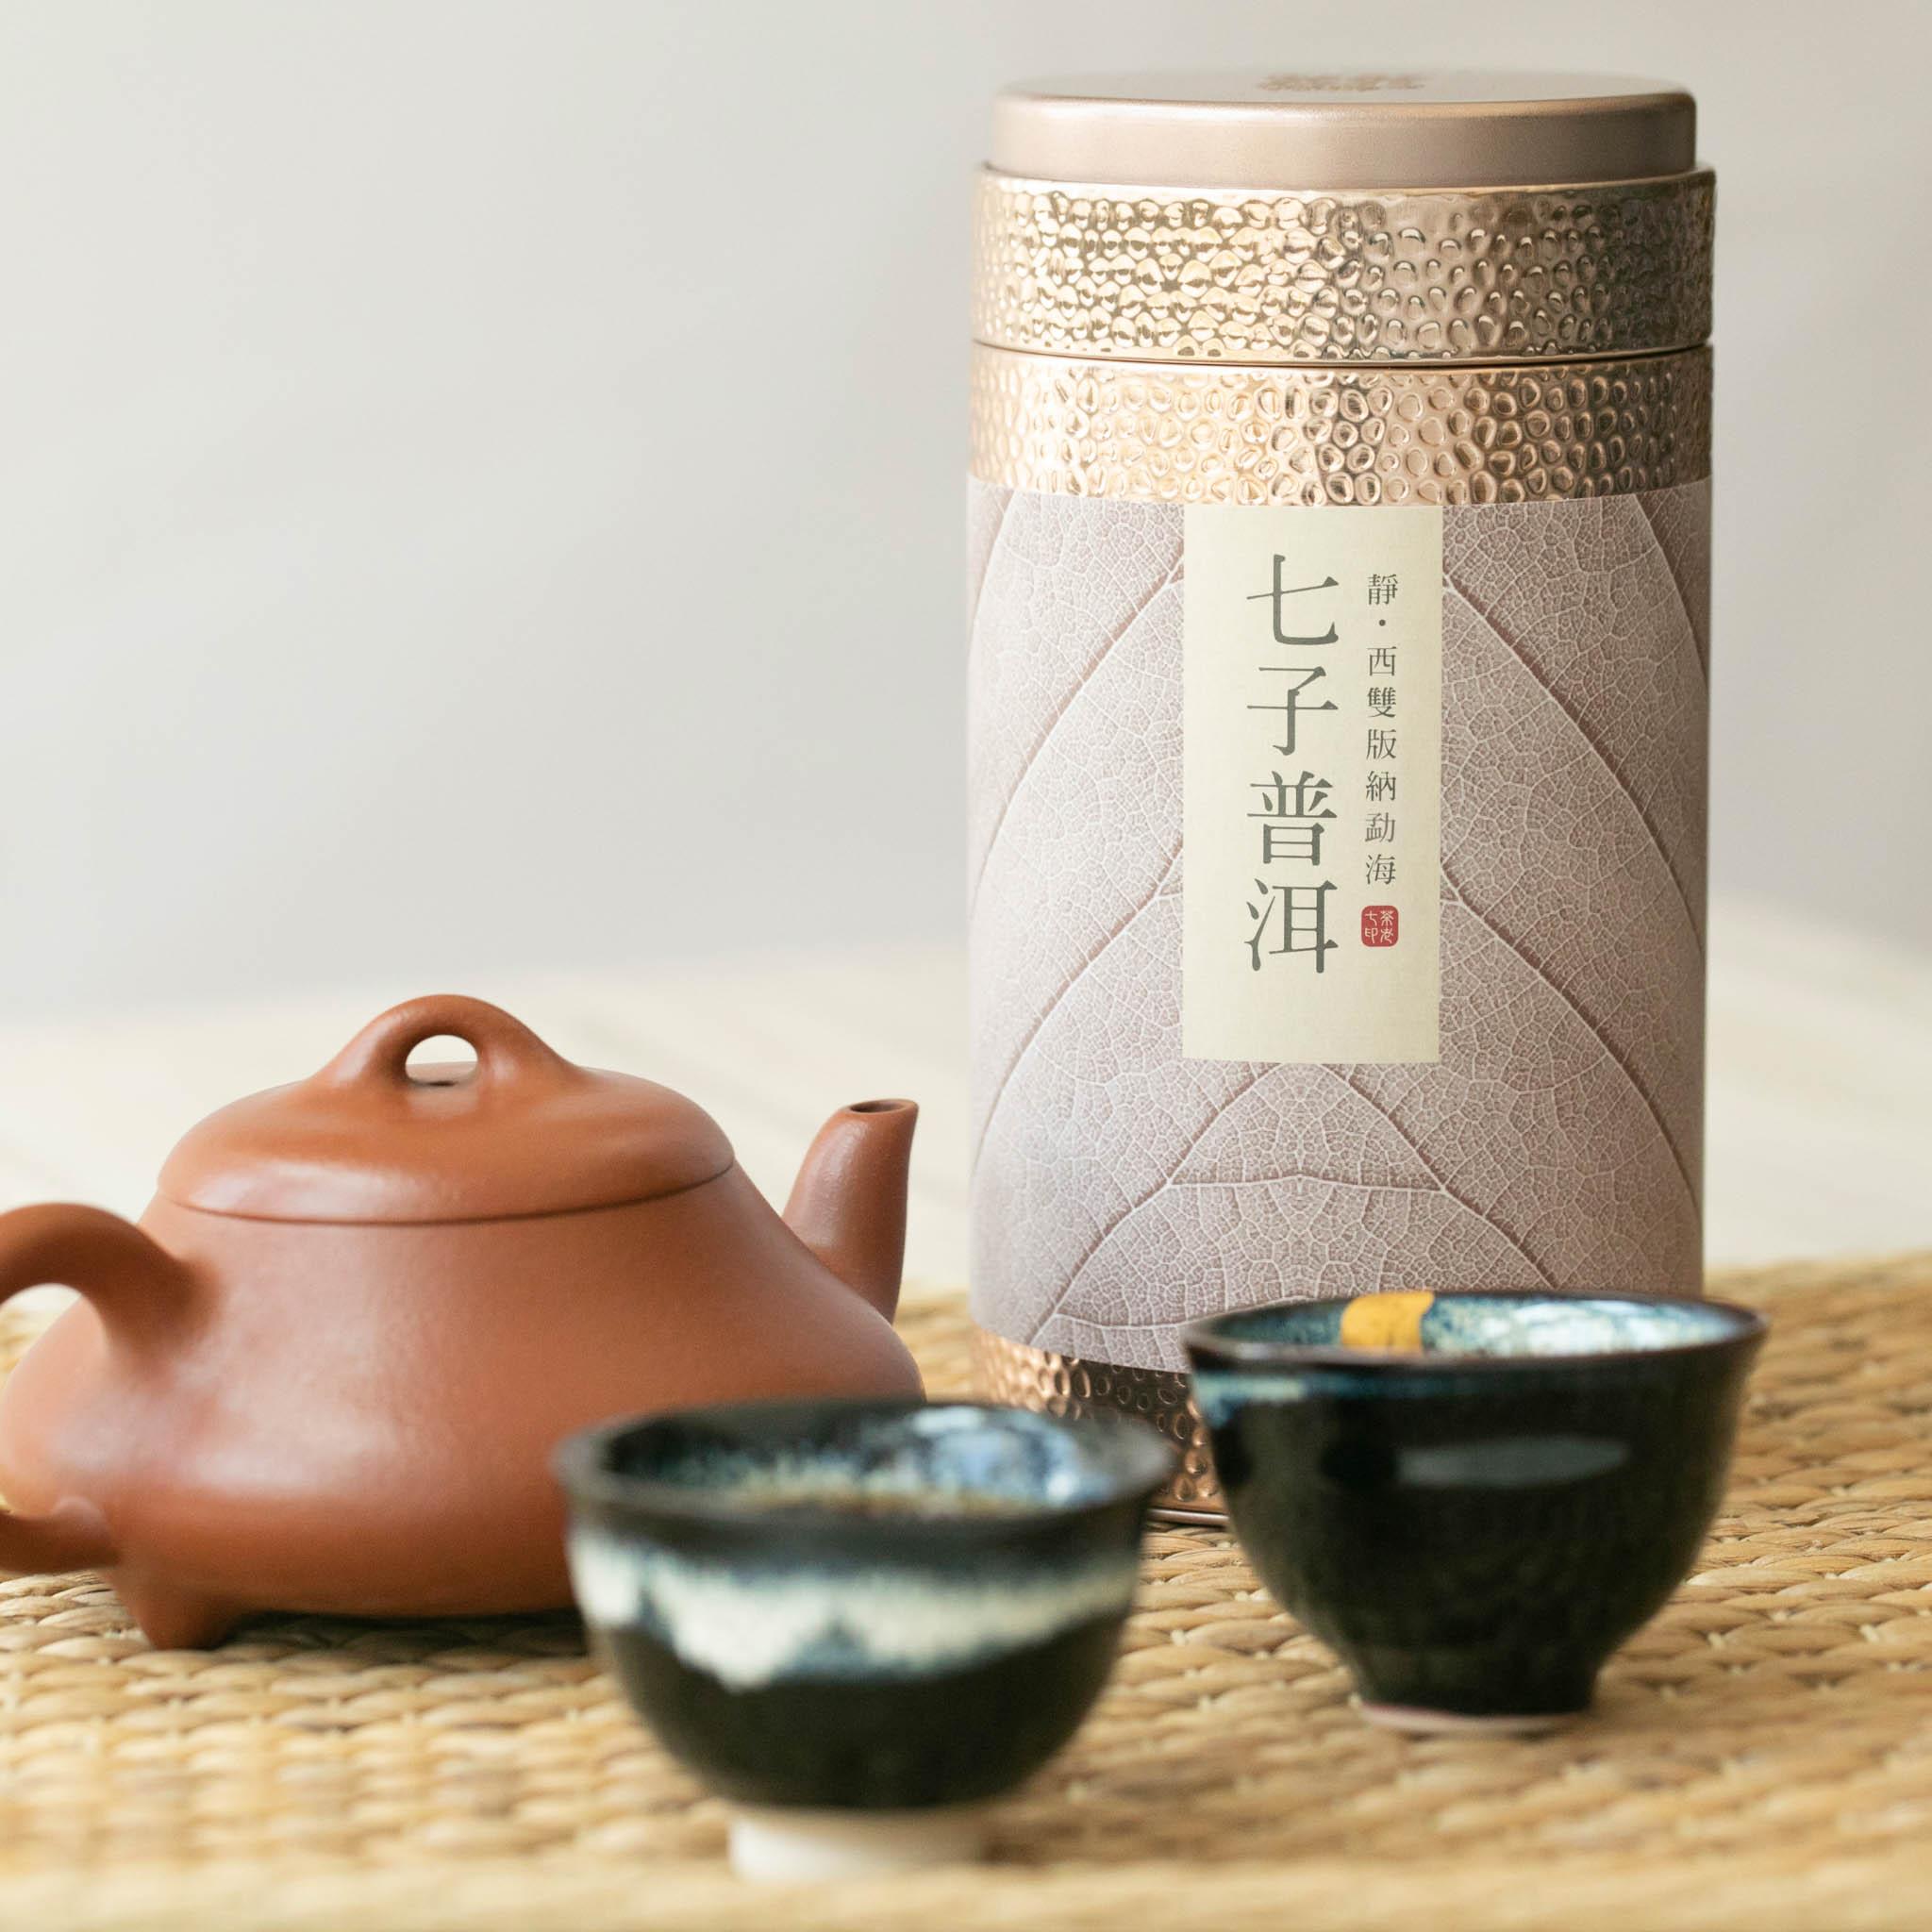 茶老七 2004雲南七子普洱(熟茶)- 茶葉